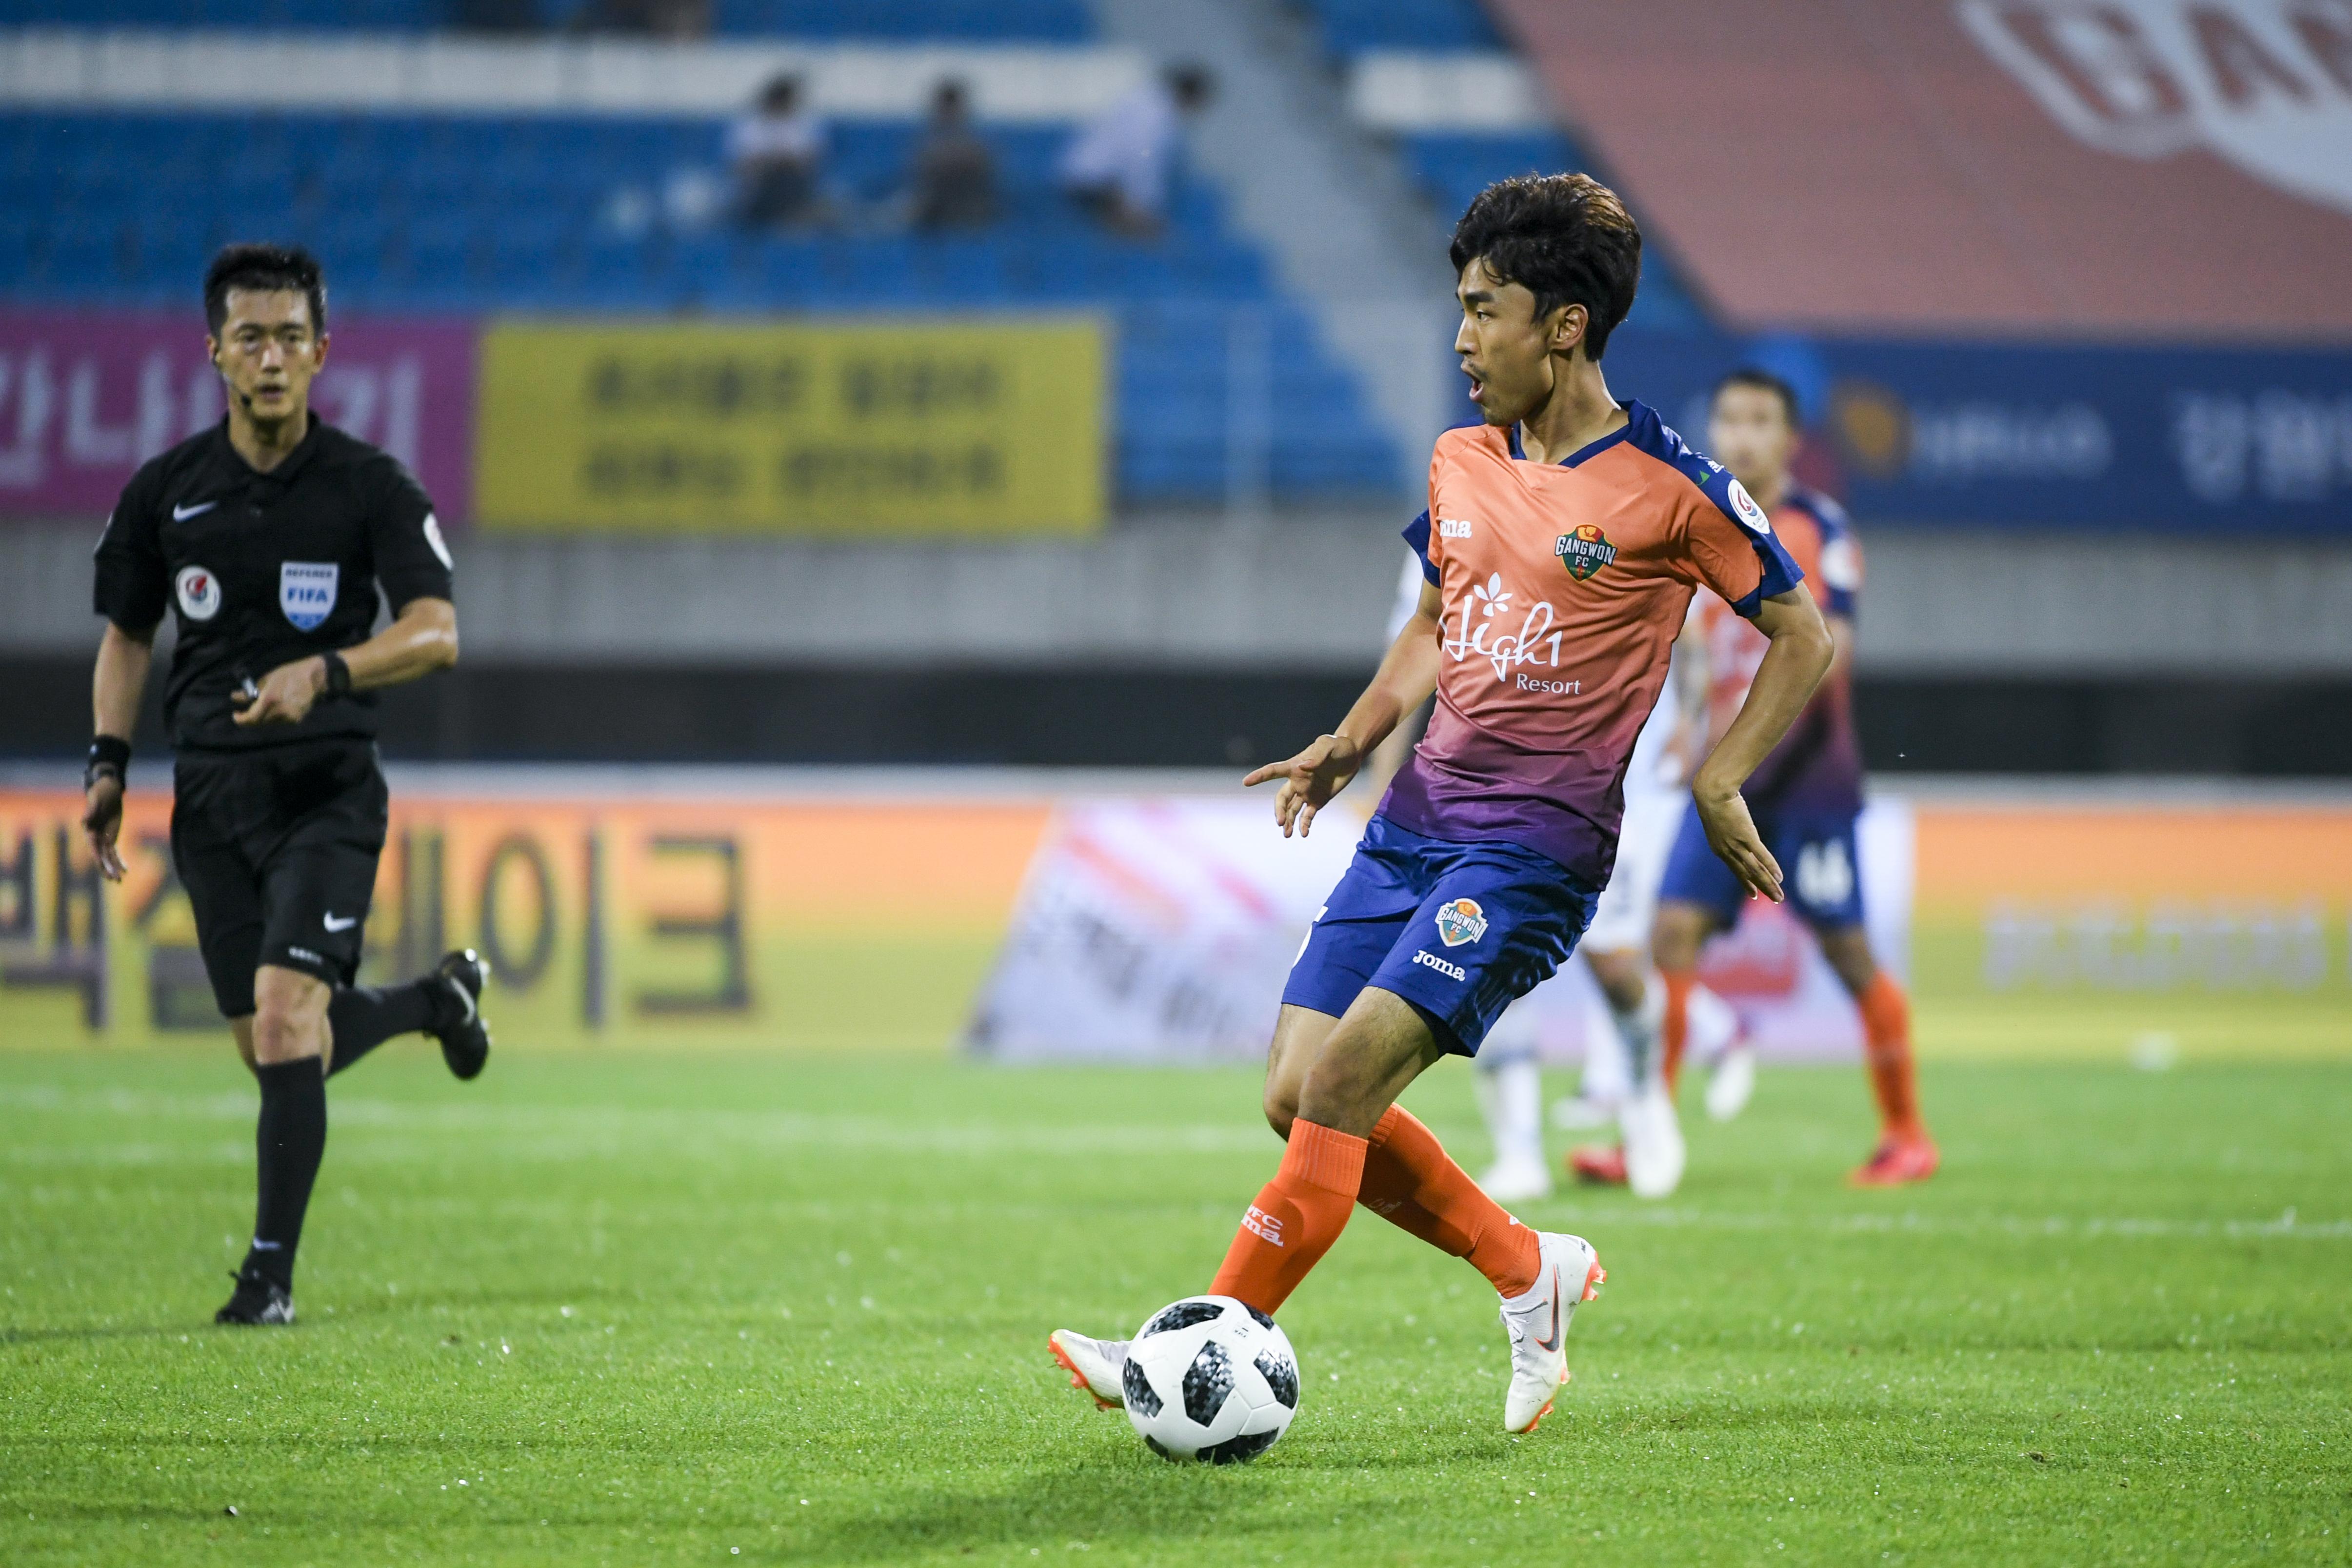 강원FC 문창진 'K리그 복귀 골+100경기 출장'